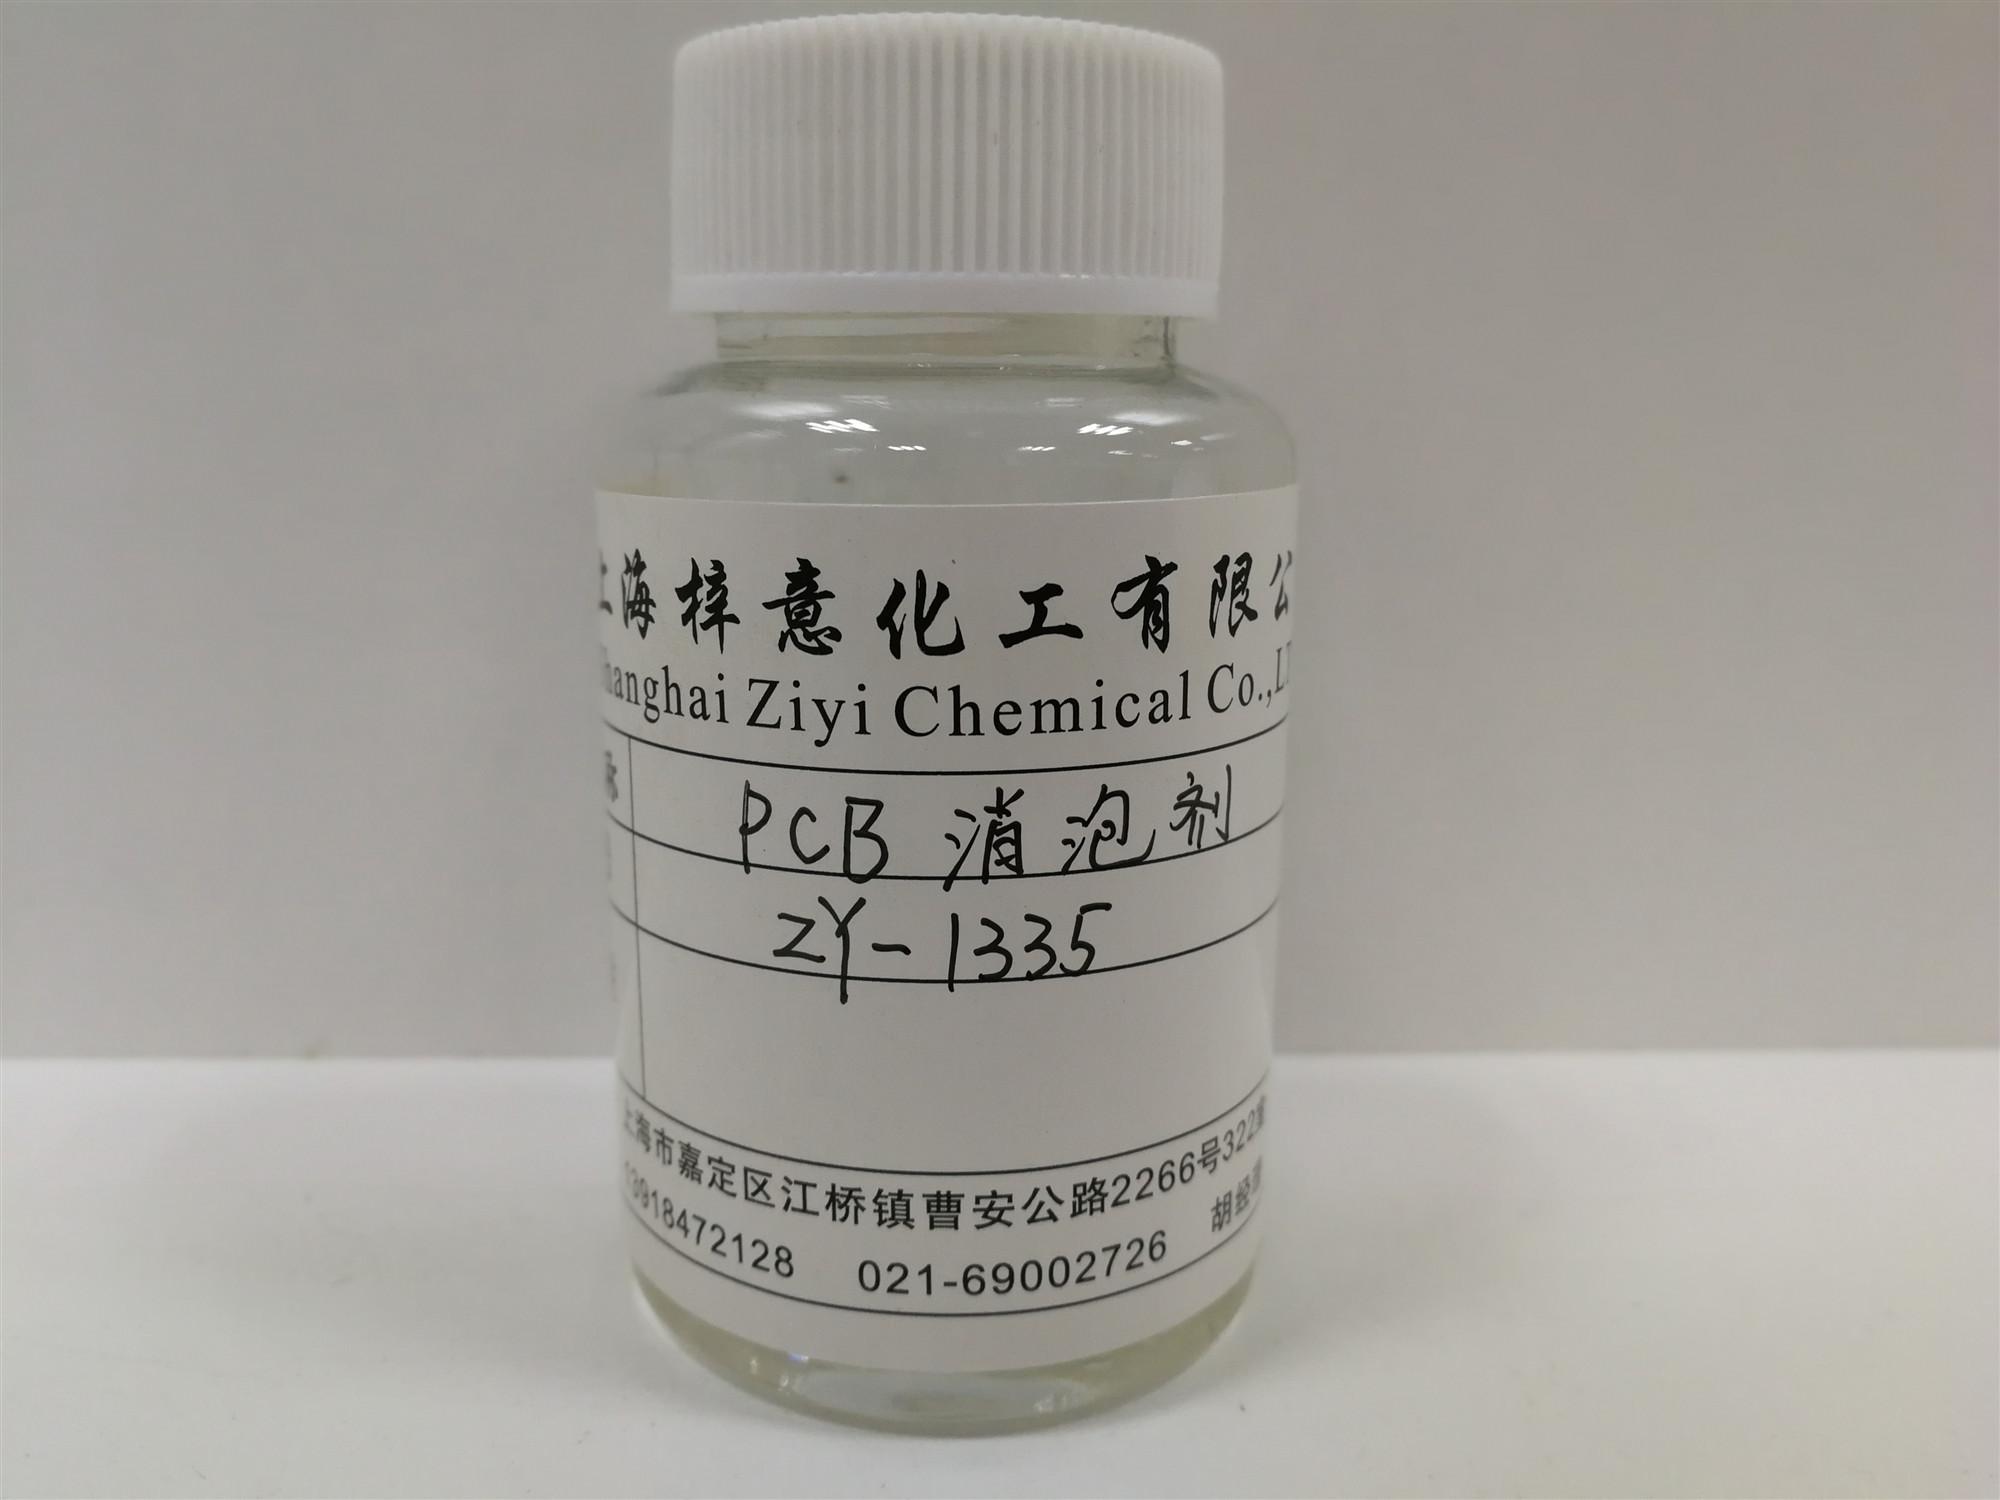 浙江生产PCB消泡剂 创造辉煌 梓意供应